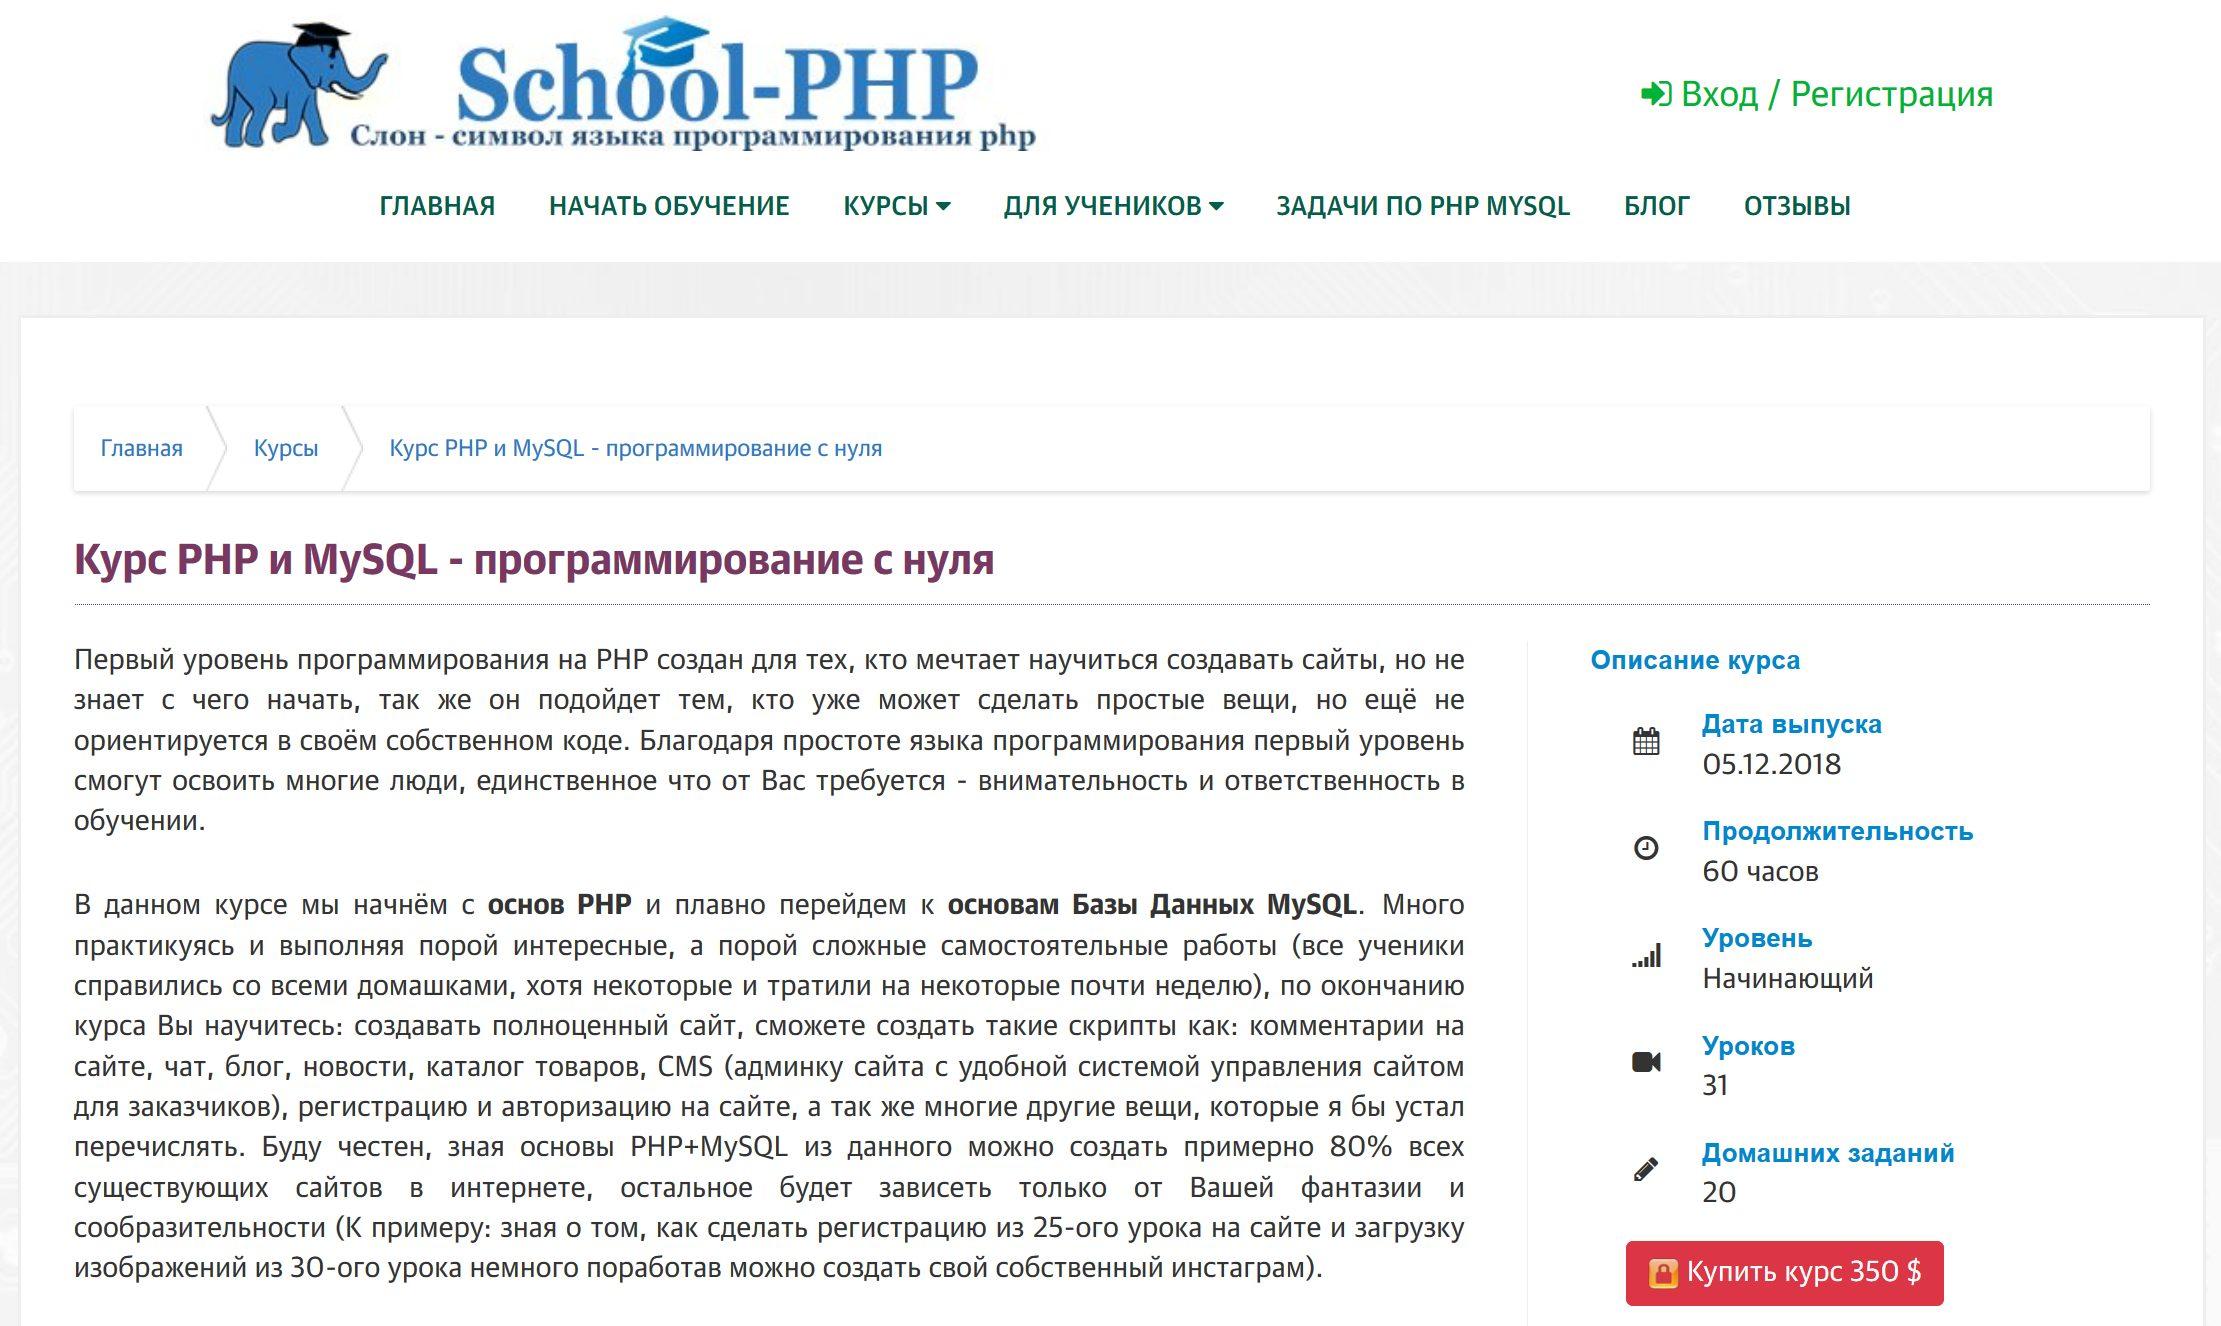 20 Лучших курсов по программированию на PHP (включая бесплатные)